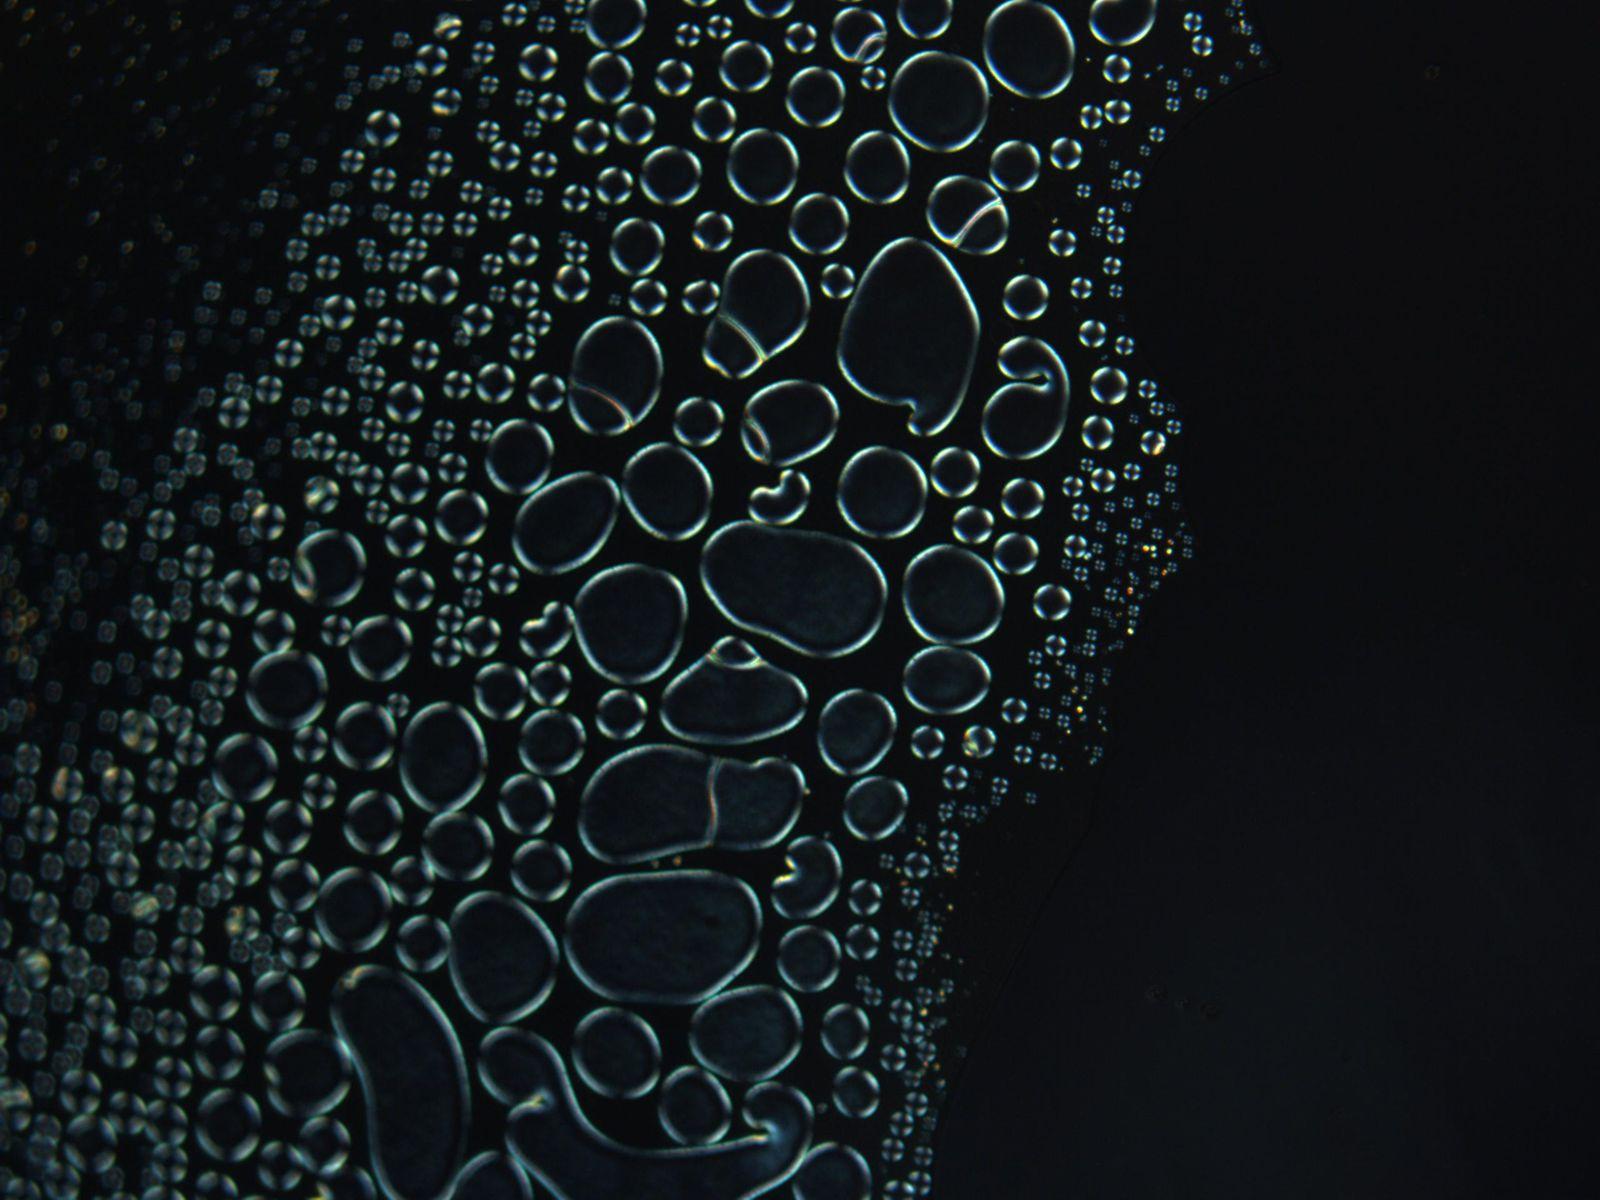 Istantanea catturata al microscopio sotto luce polarizzata, durante una transizione di fase di cristalli liquidi. Cortesia: Malik Qasim / University of Cambridge / Nokia